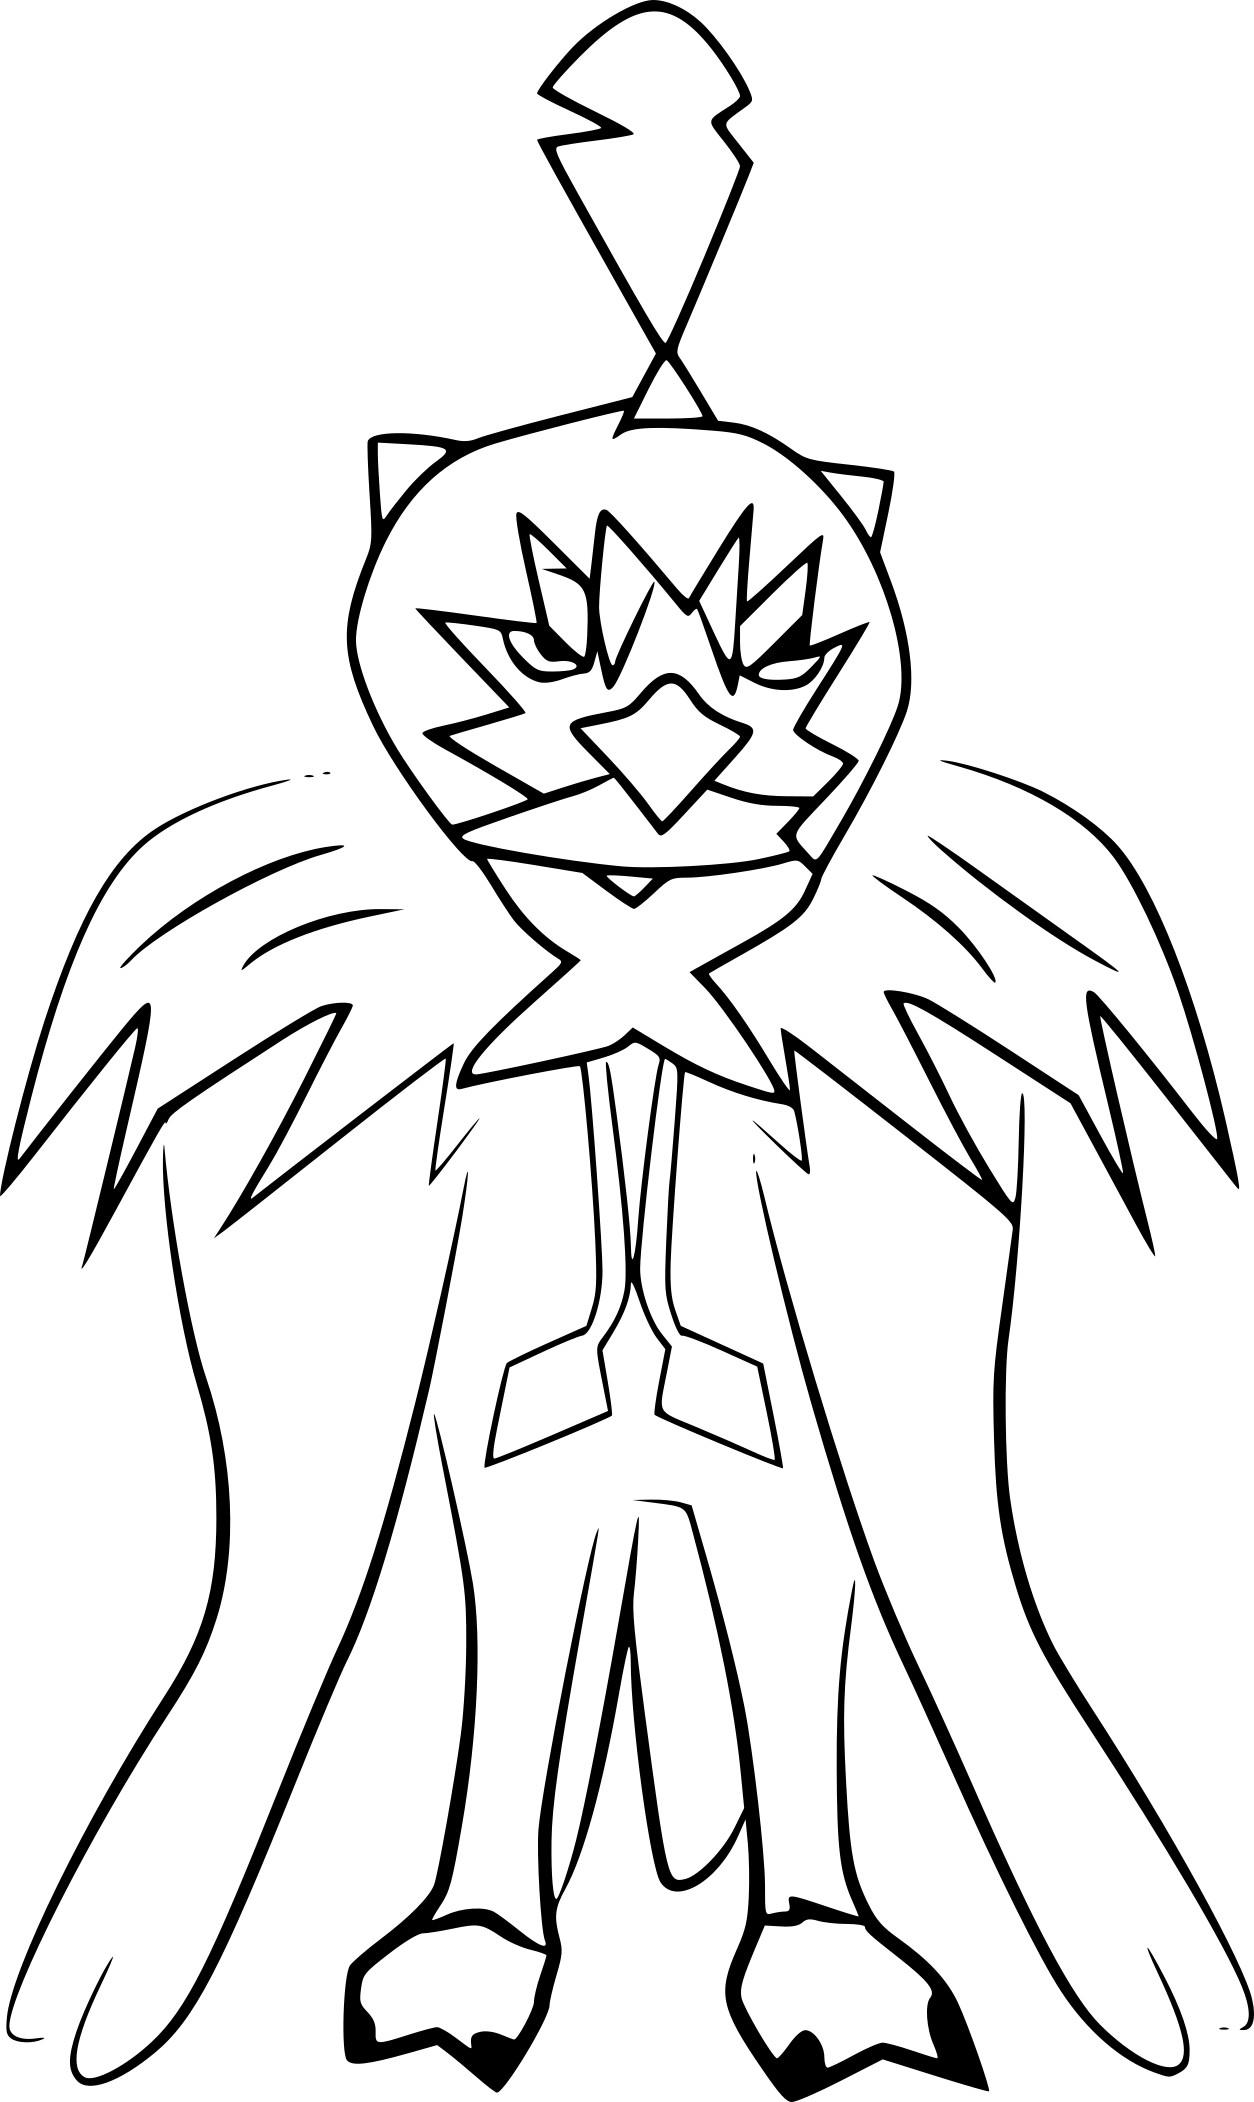 Dessin pokemon archeduc coloriage - Coloriage pokemon imprimer ...